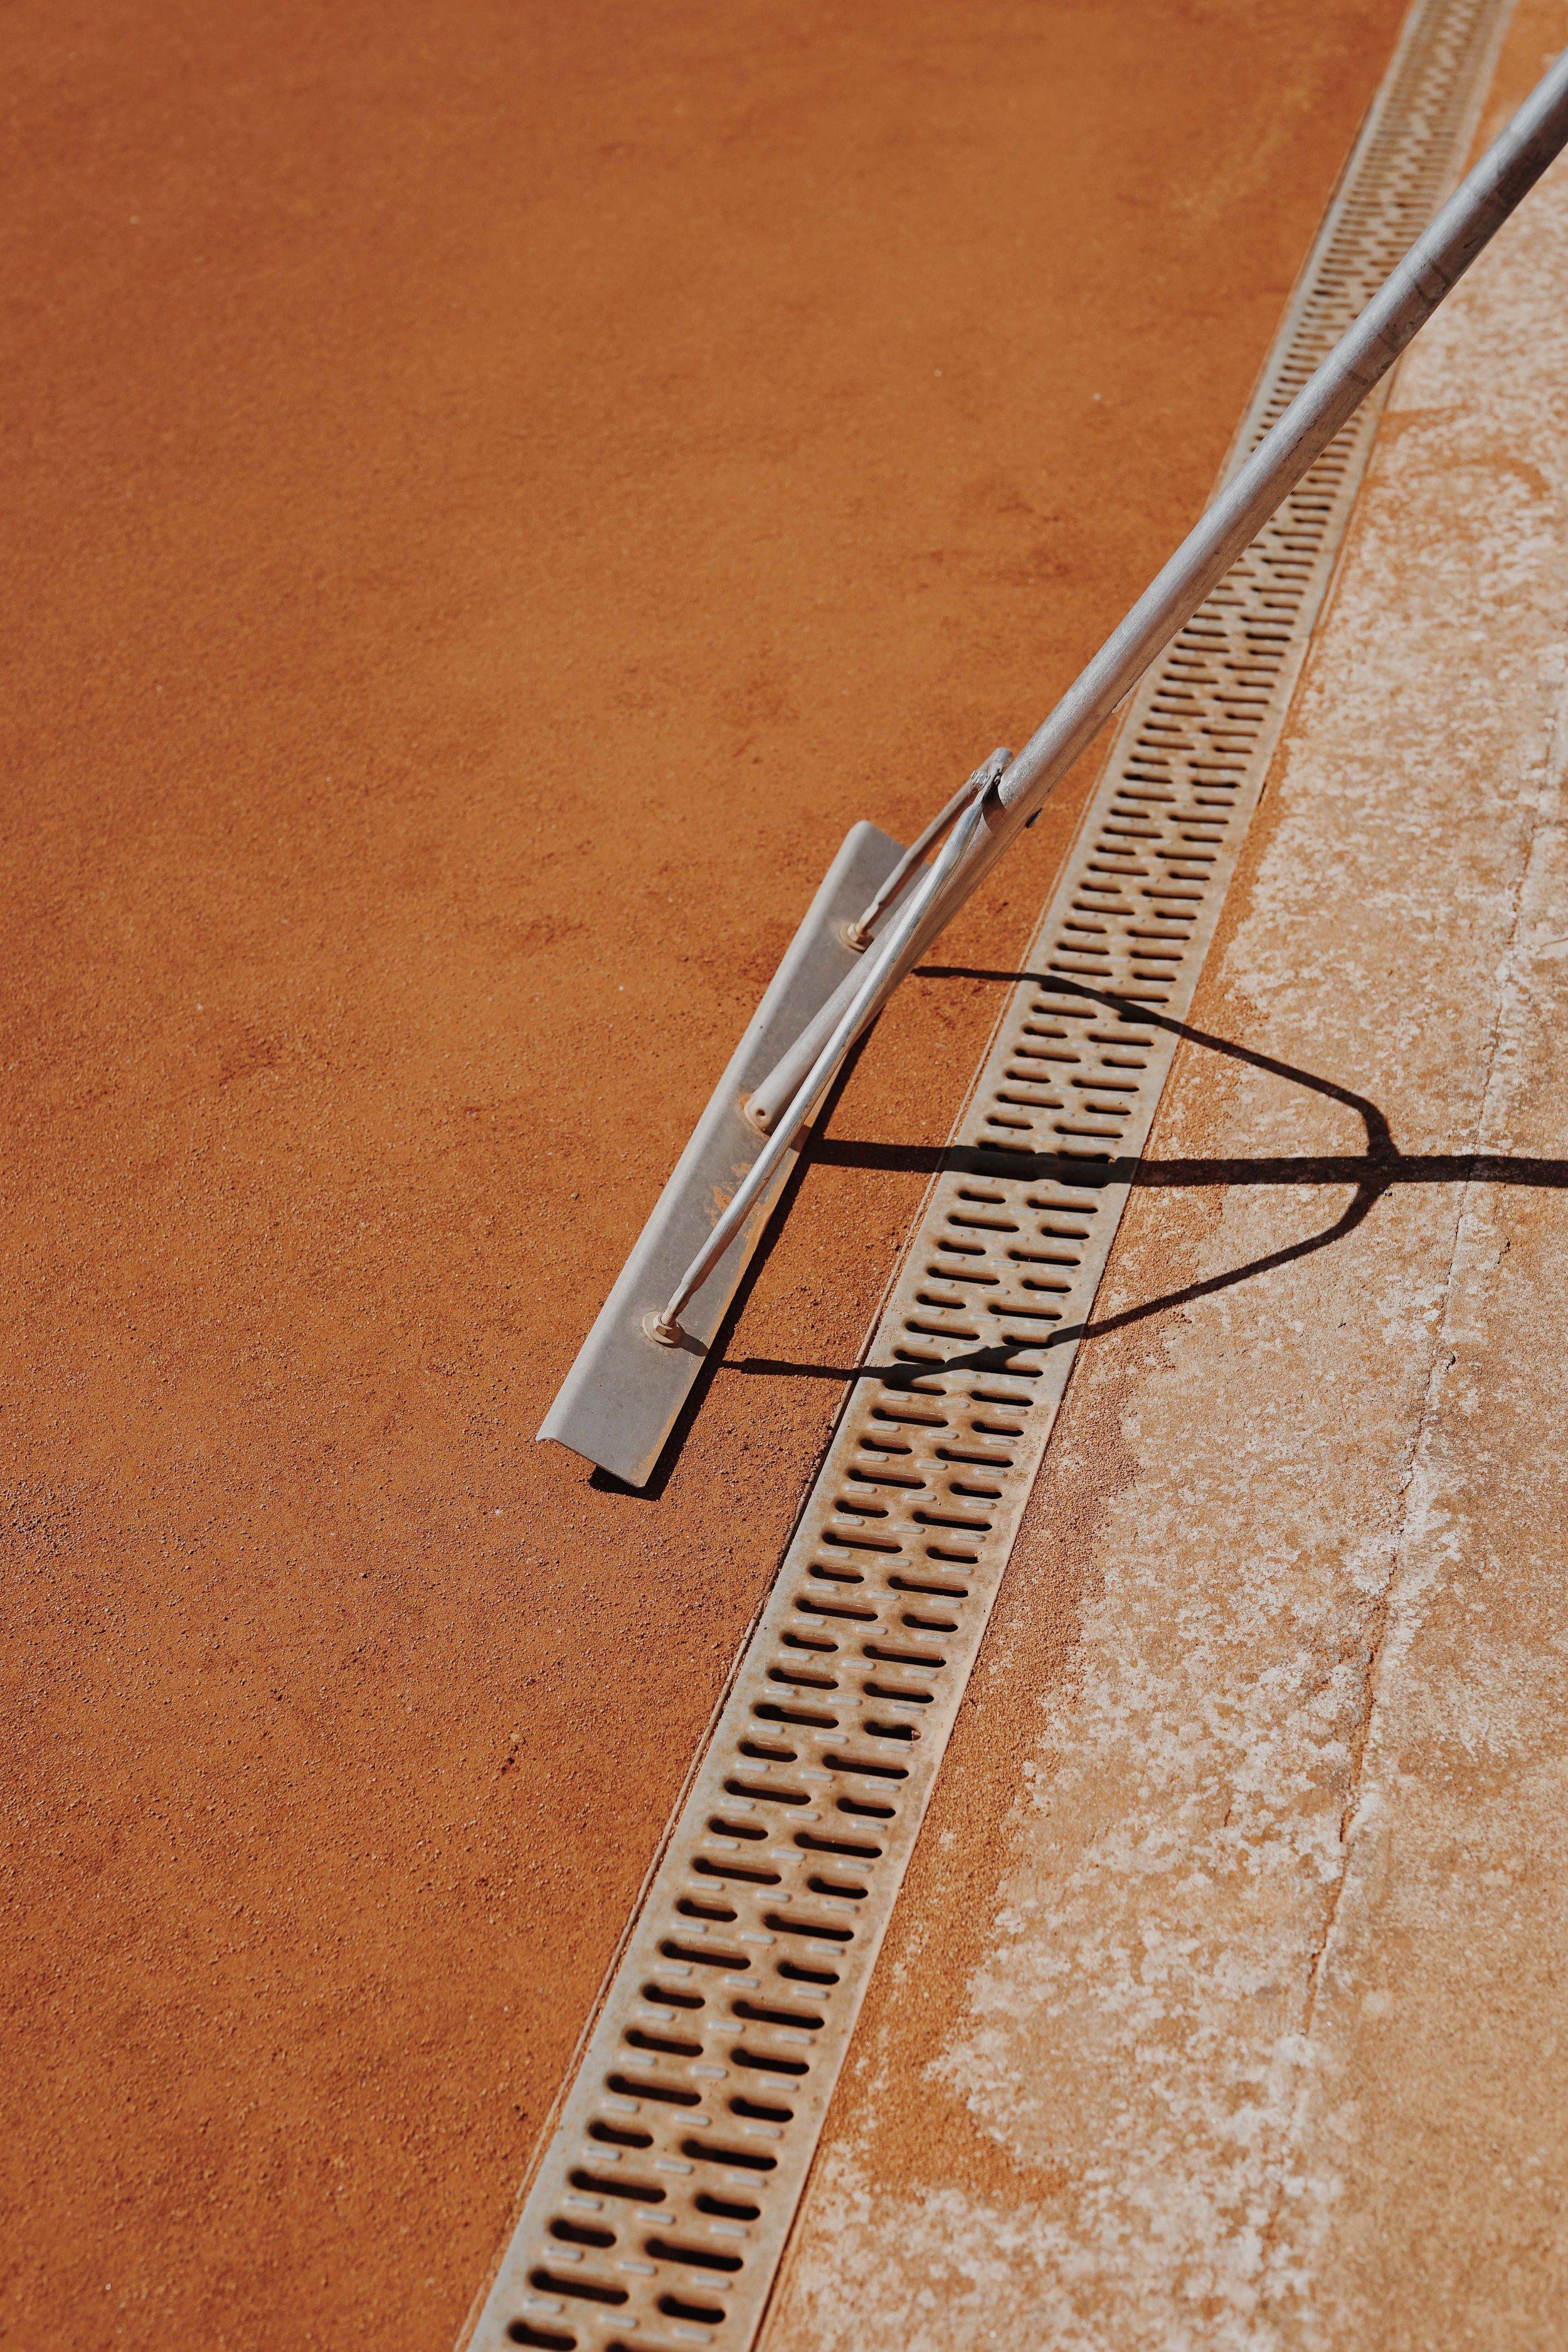 ASROSENVINGE_VisitSkane_Bastad_Tennis_Court_LowRes-30.jpg